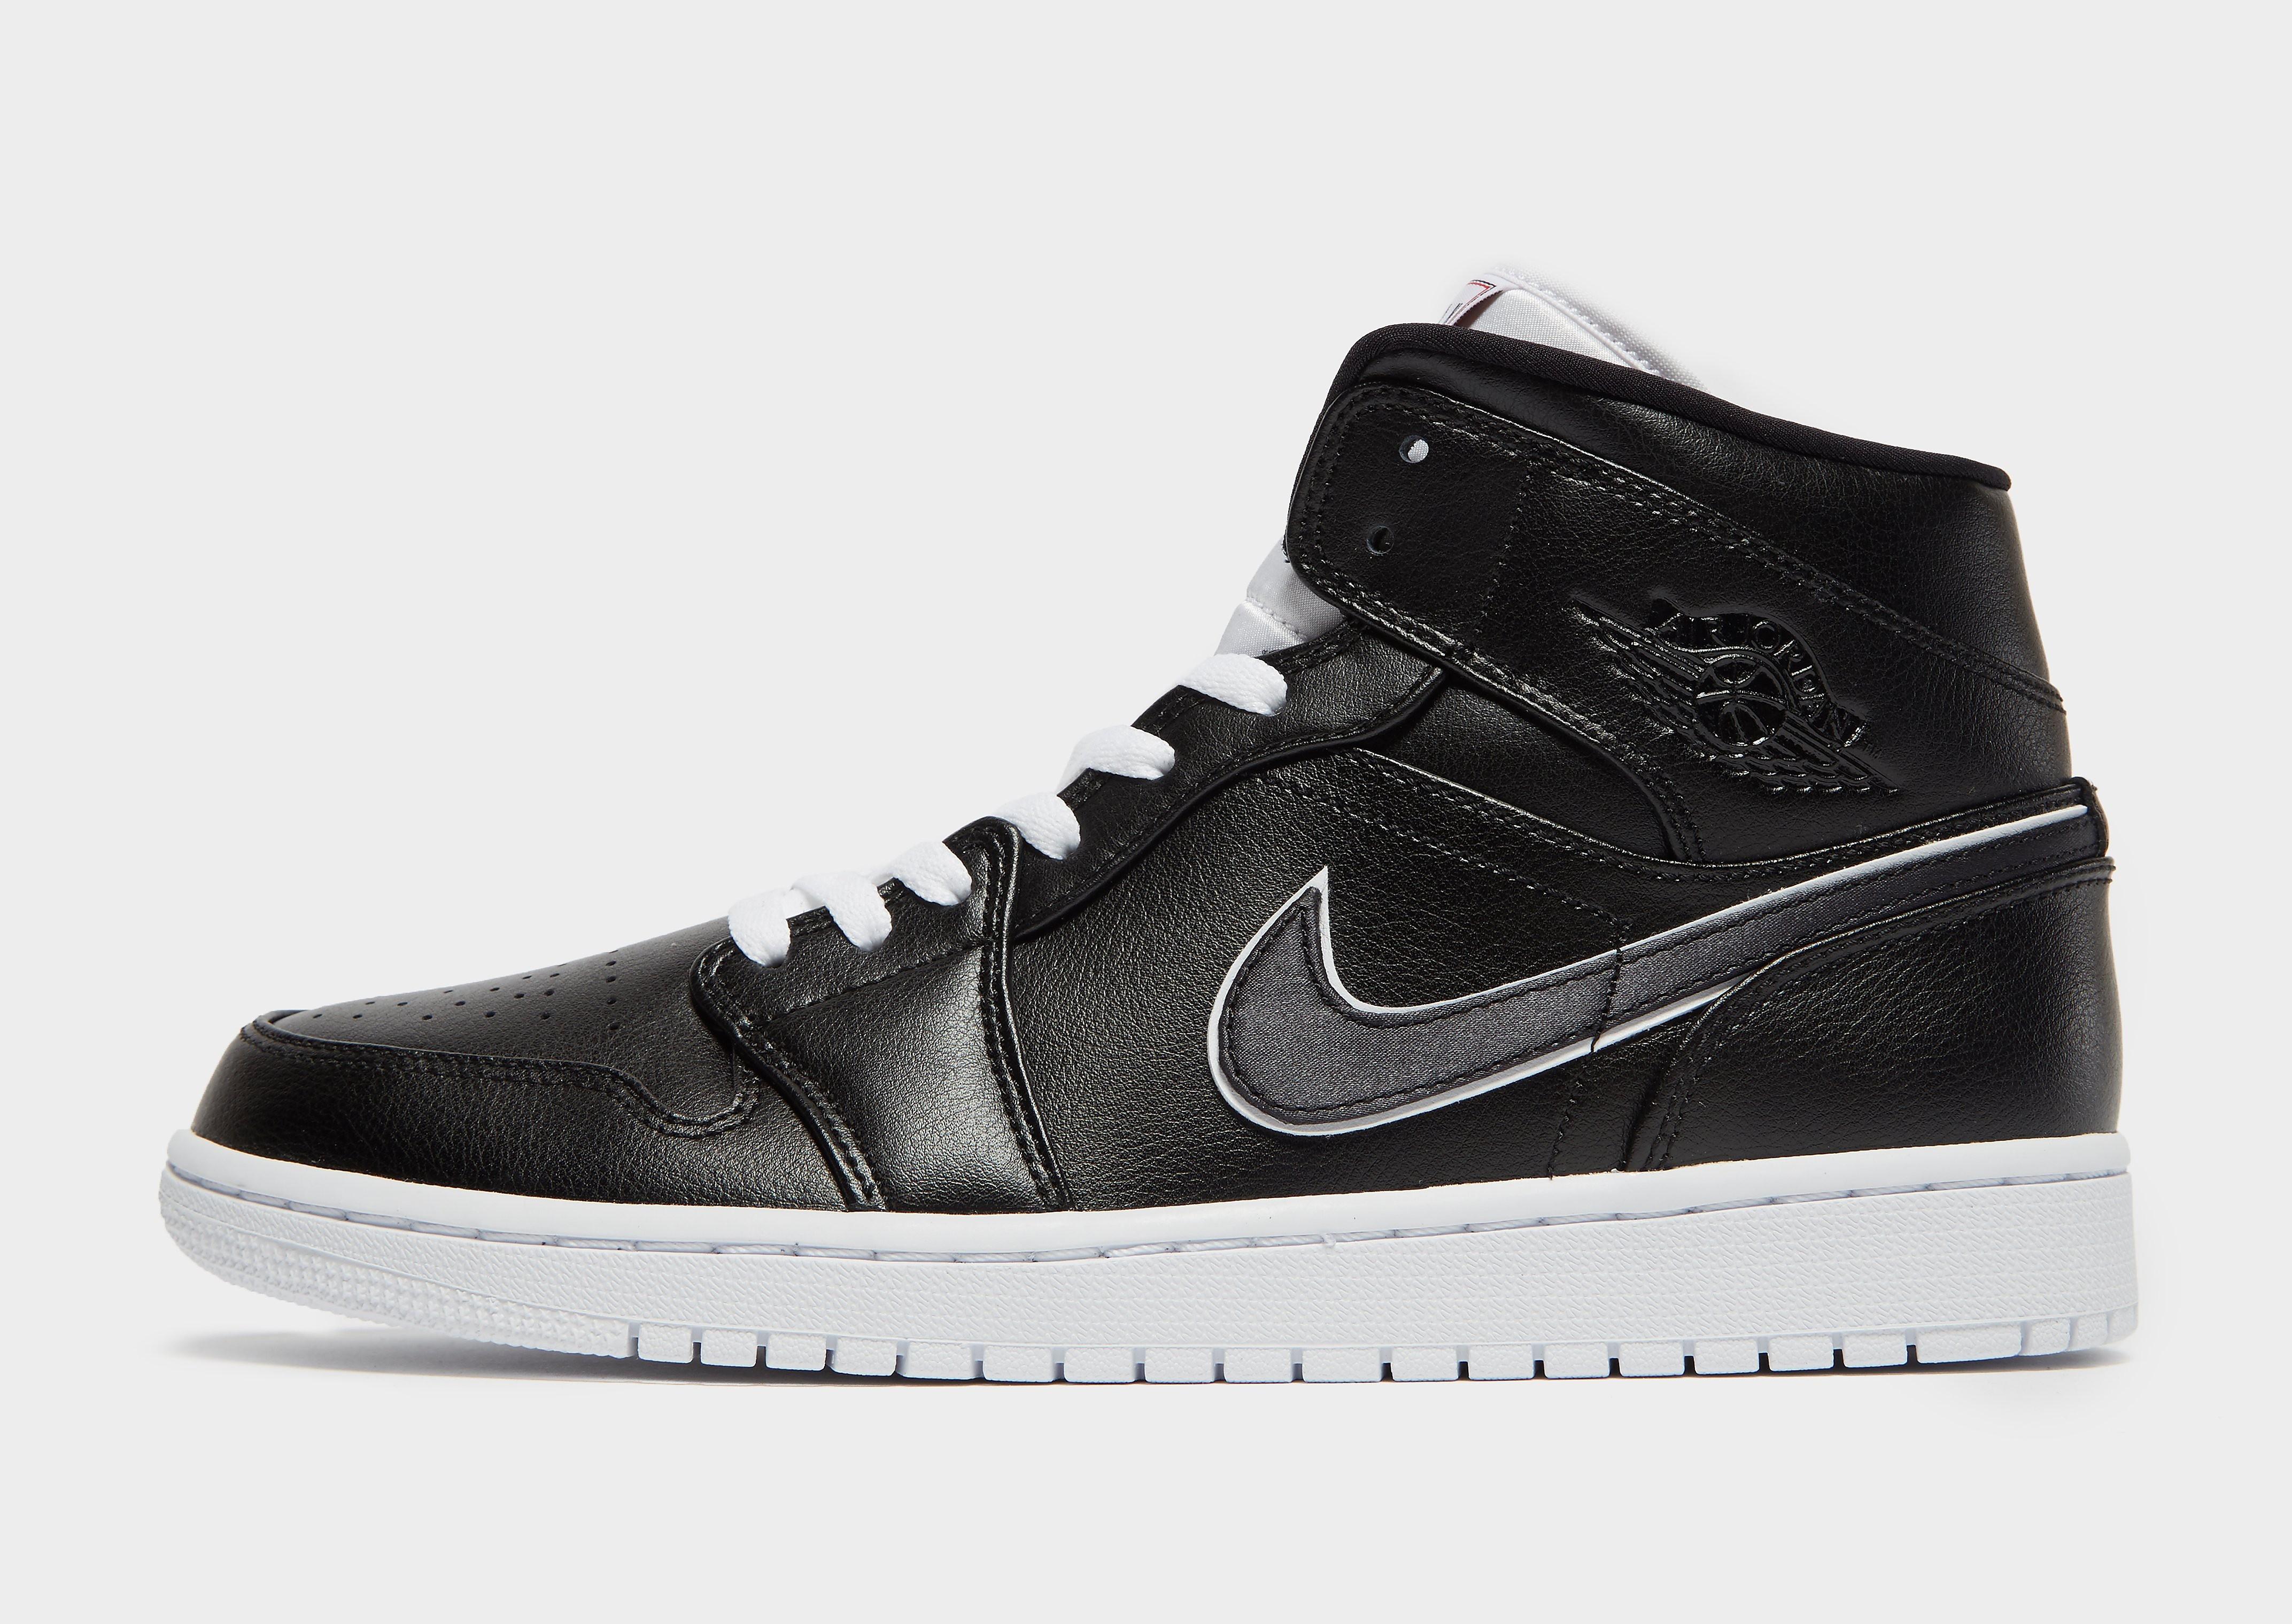 Jordan herensneaker zwart en grijs